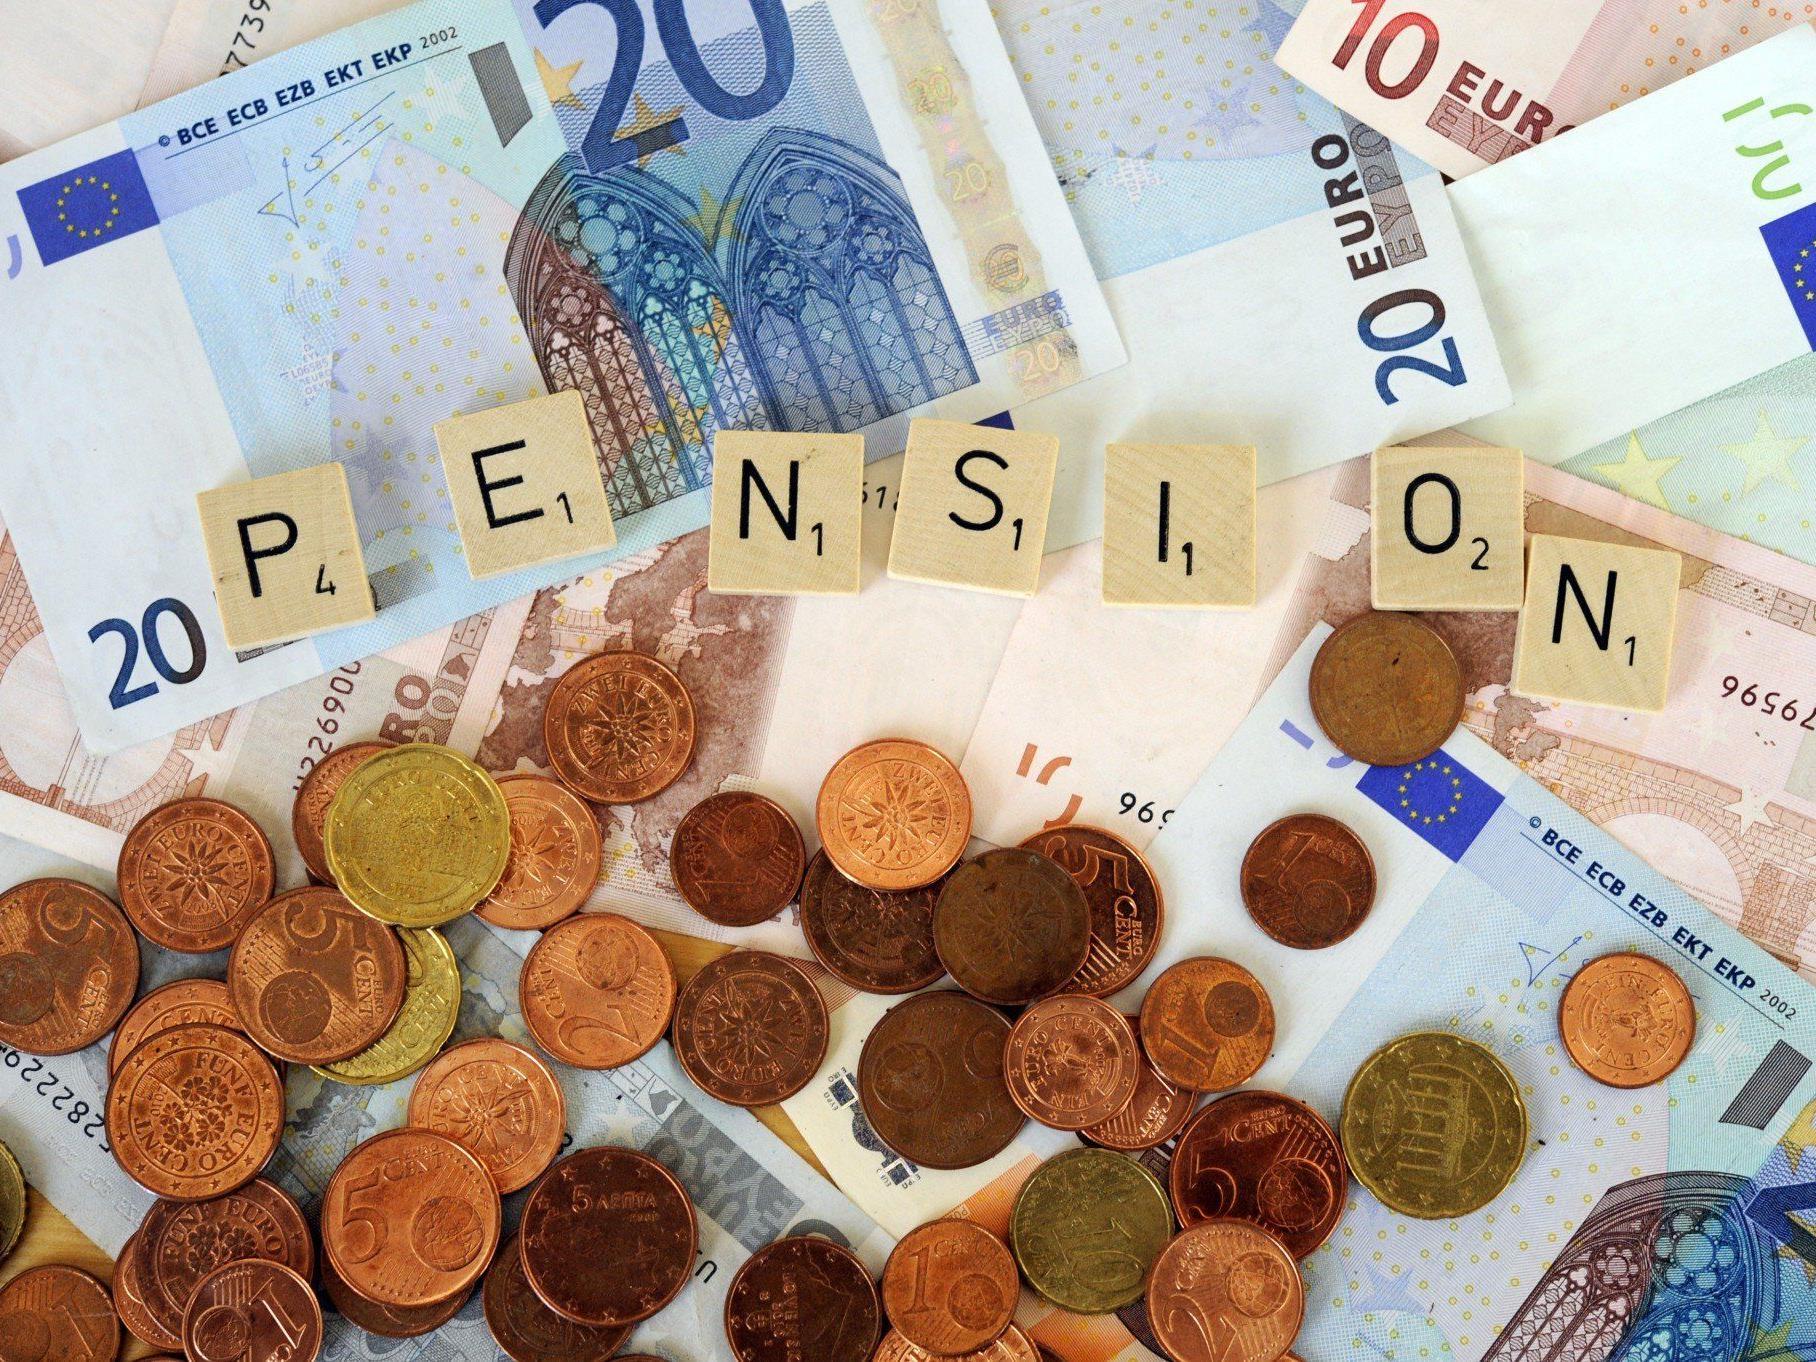 Gibt es eine Rechtfertigung dafür, mehr als die ASVG-Höchstpension von 3136 Euro zu bezahlen?